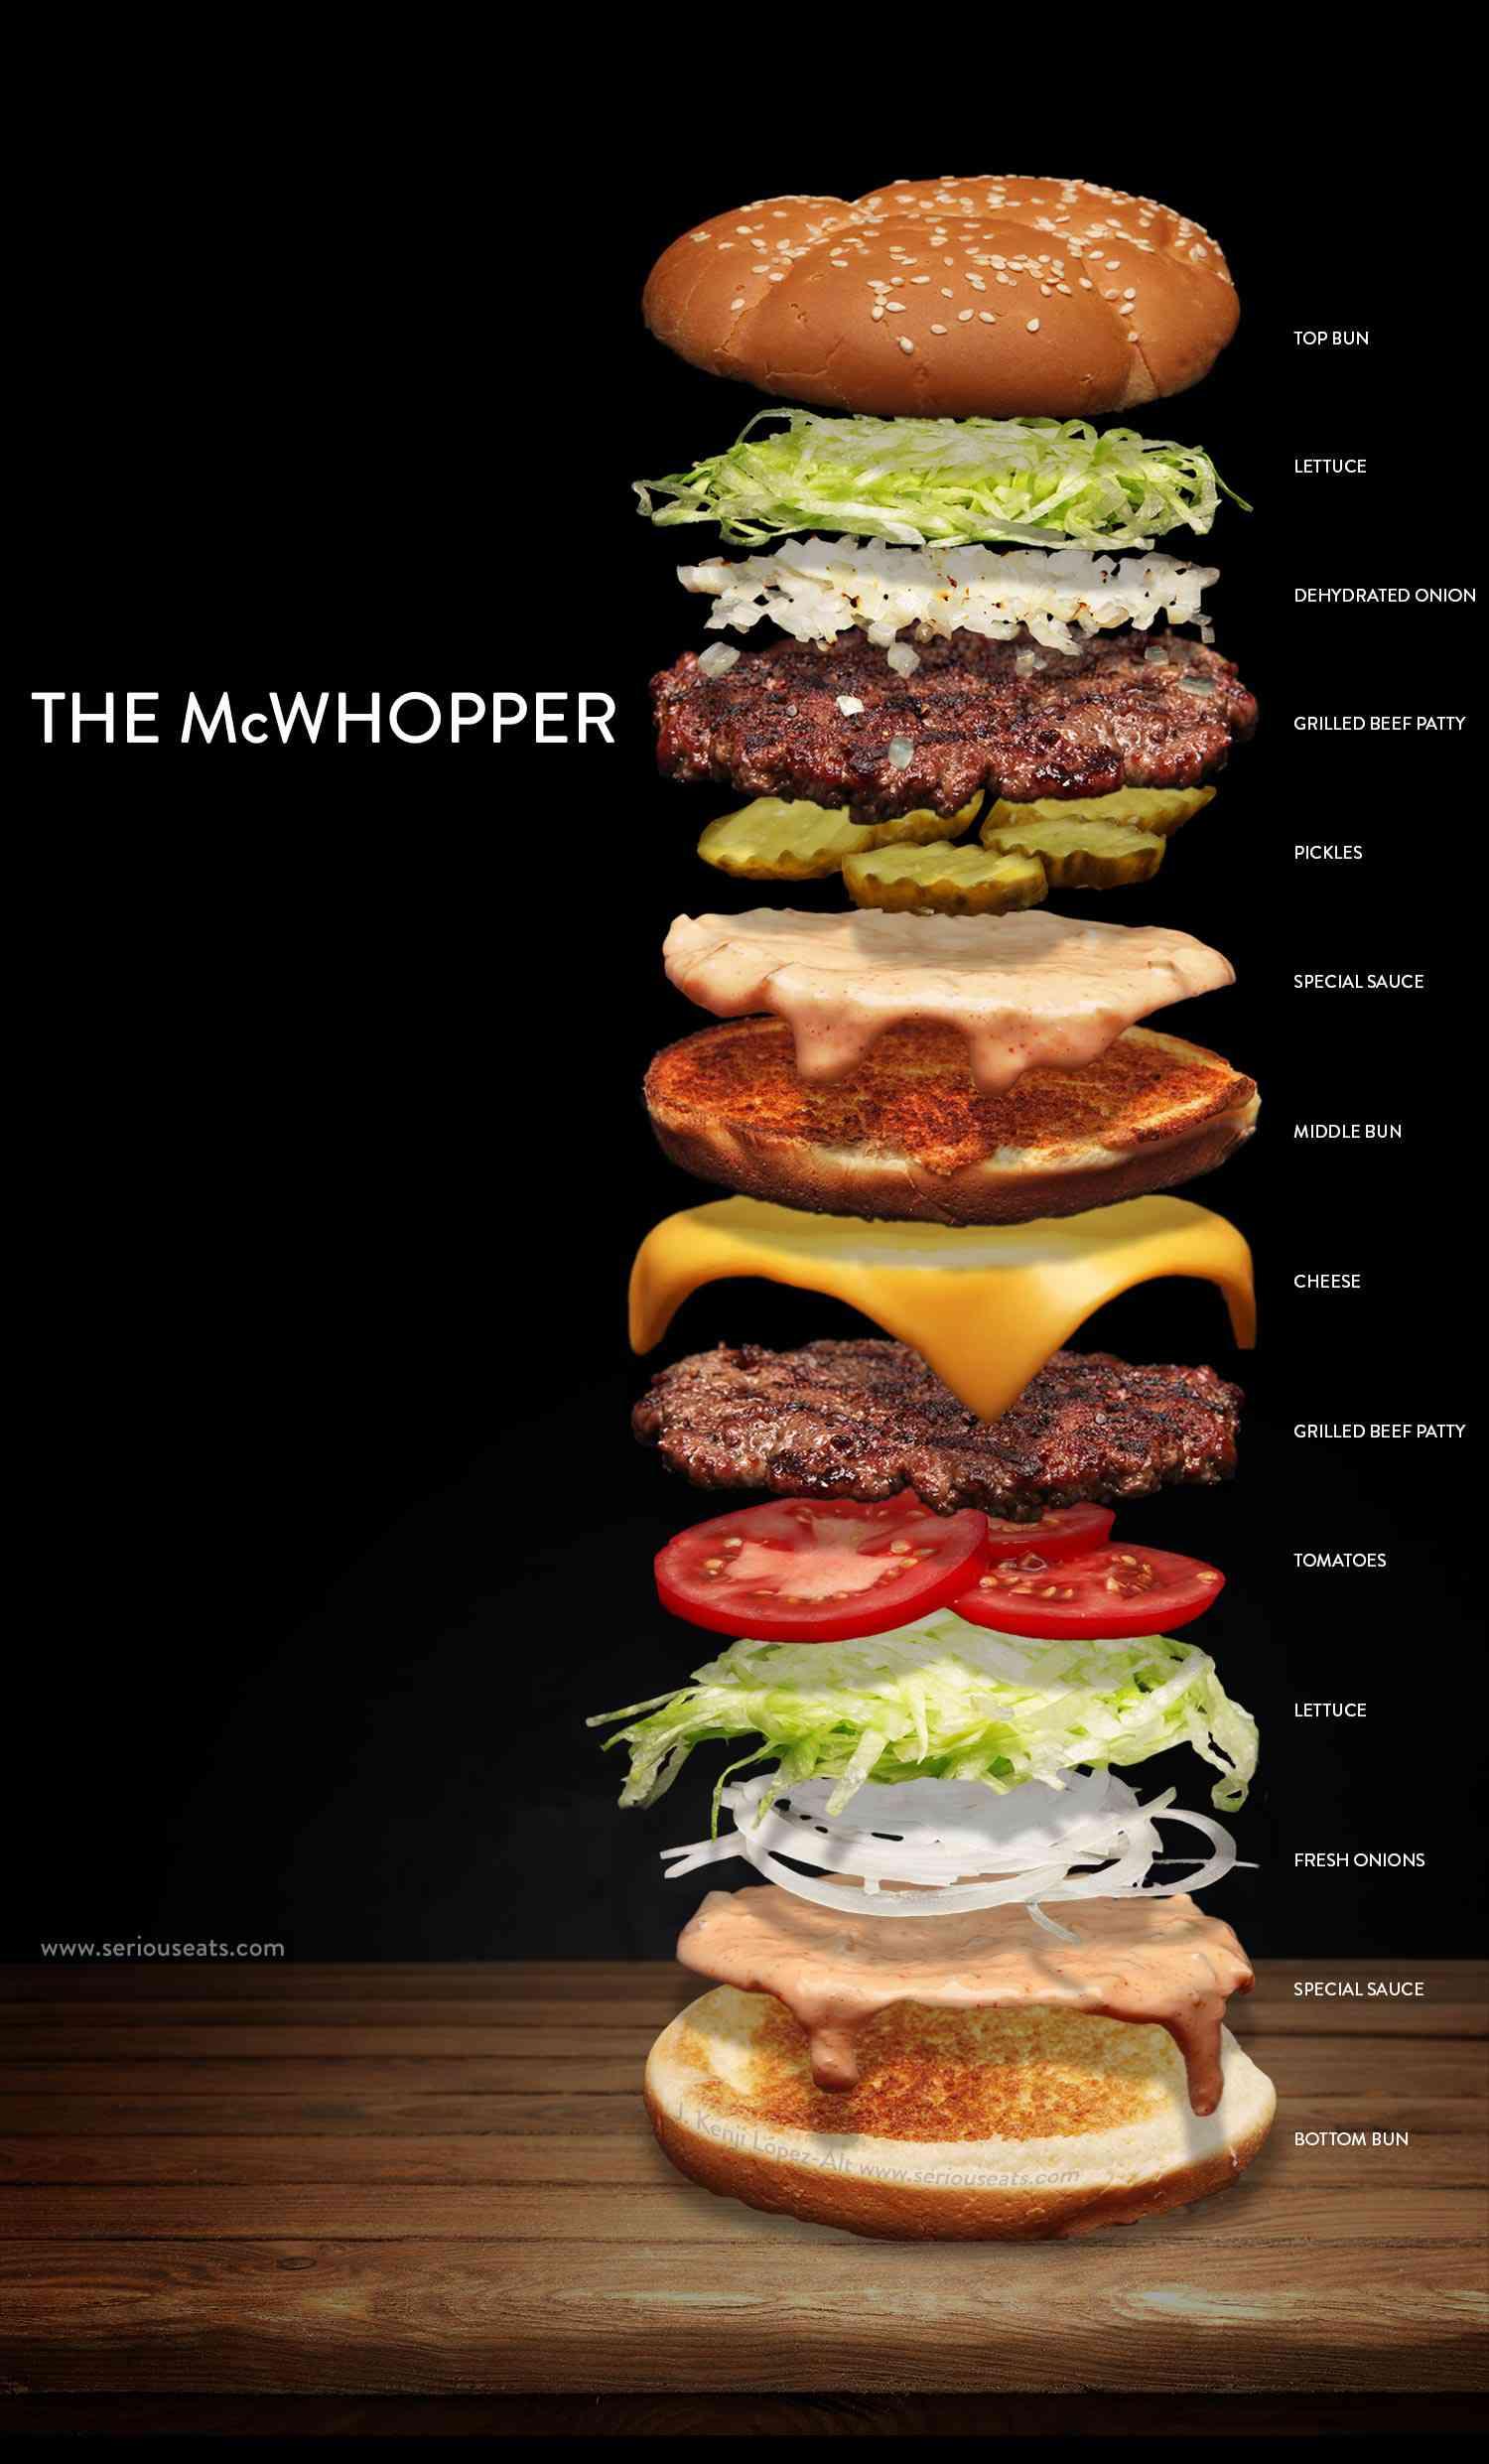 20150903-mcwhopper-kenji-exploded.jpg